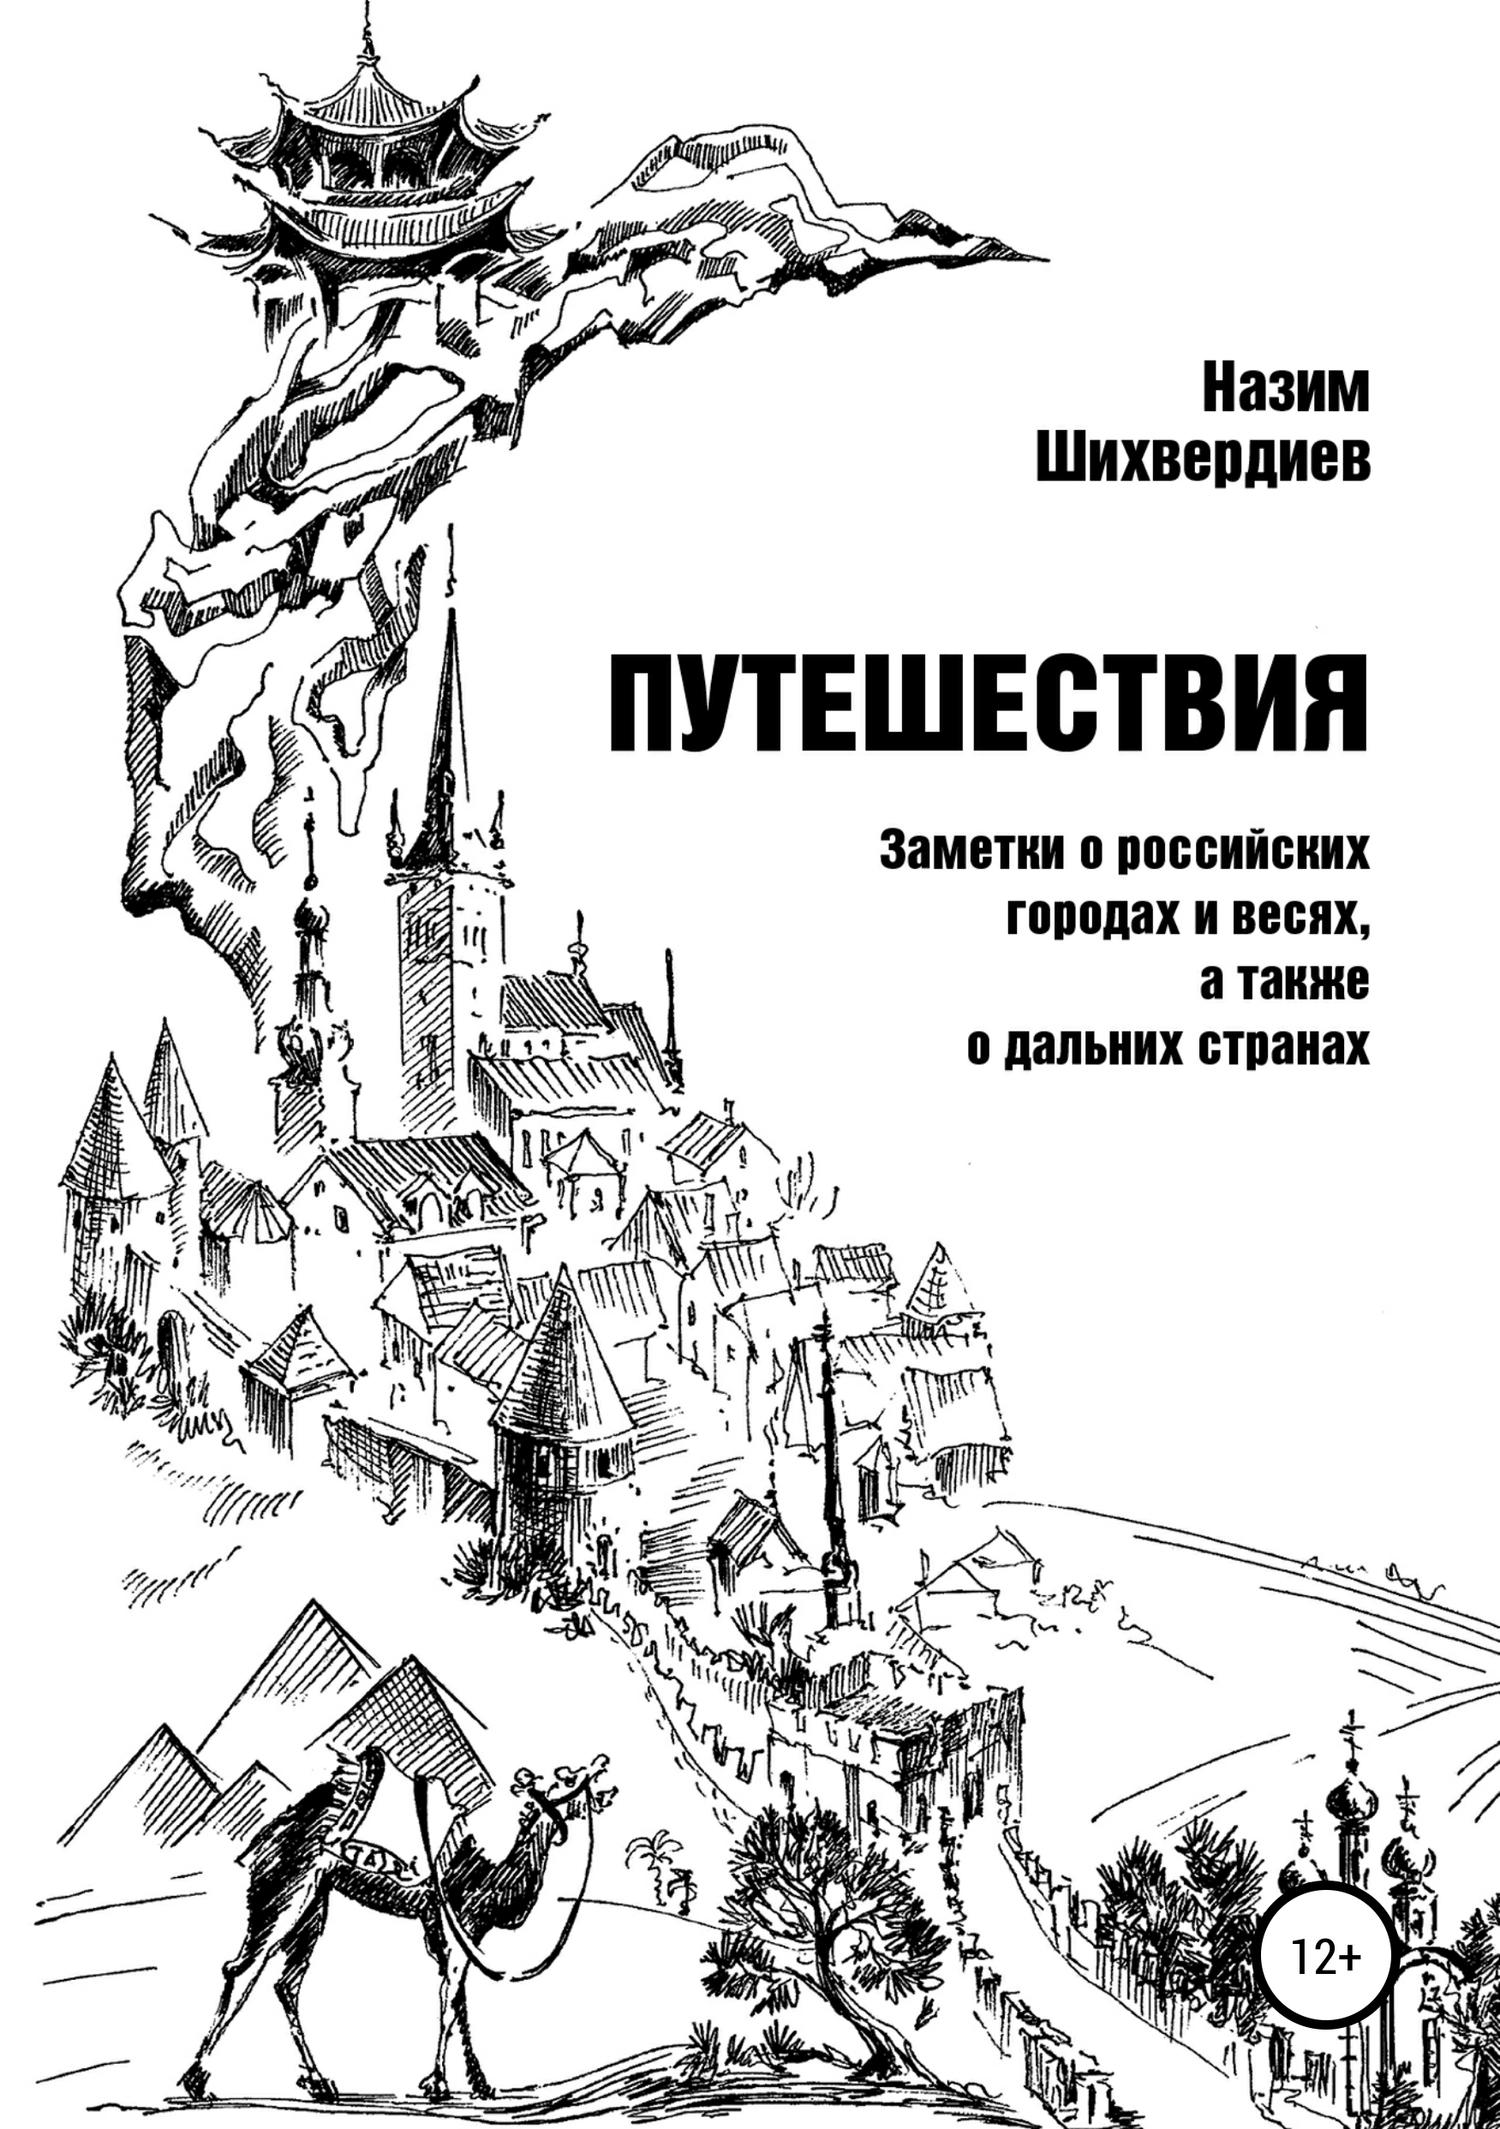 Путешествия. Заметки о российских городах и весях, а также о дальних странах